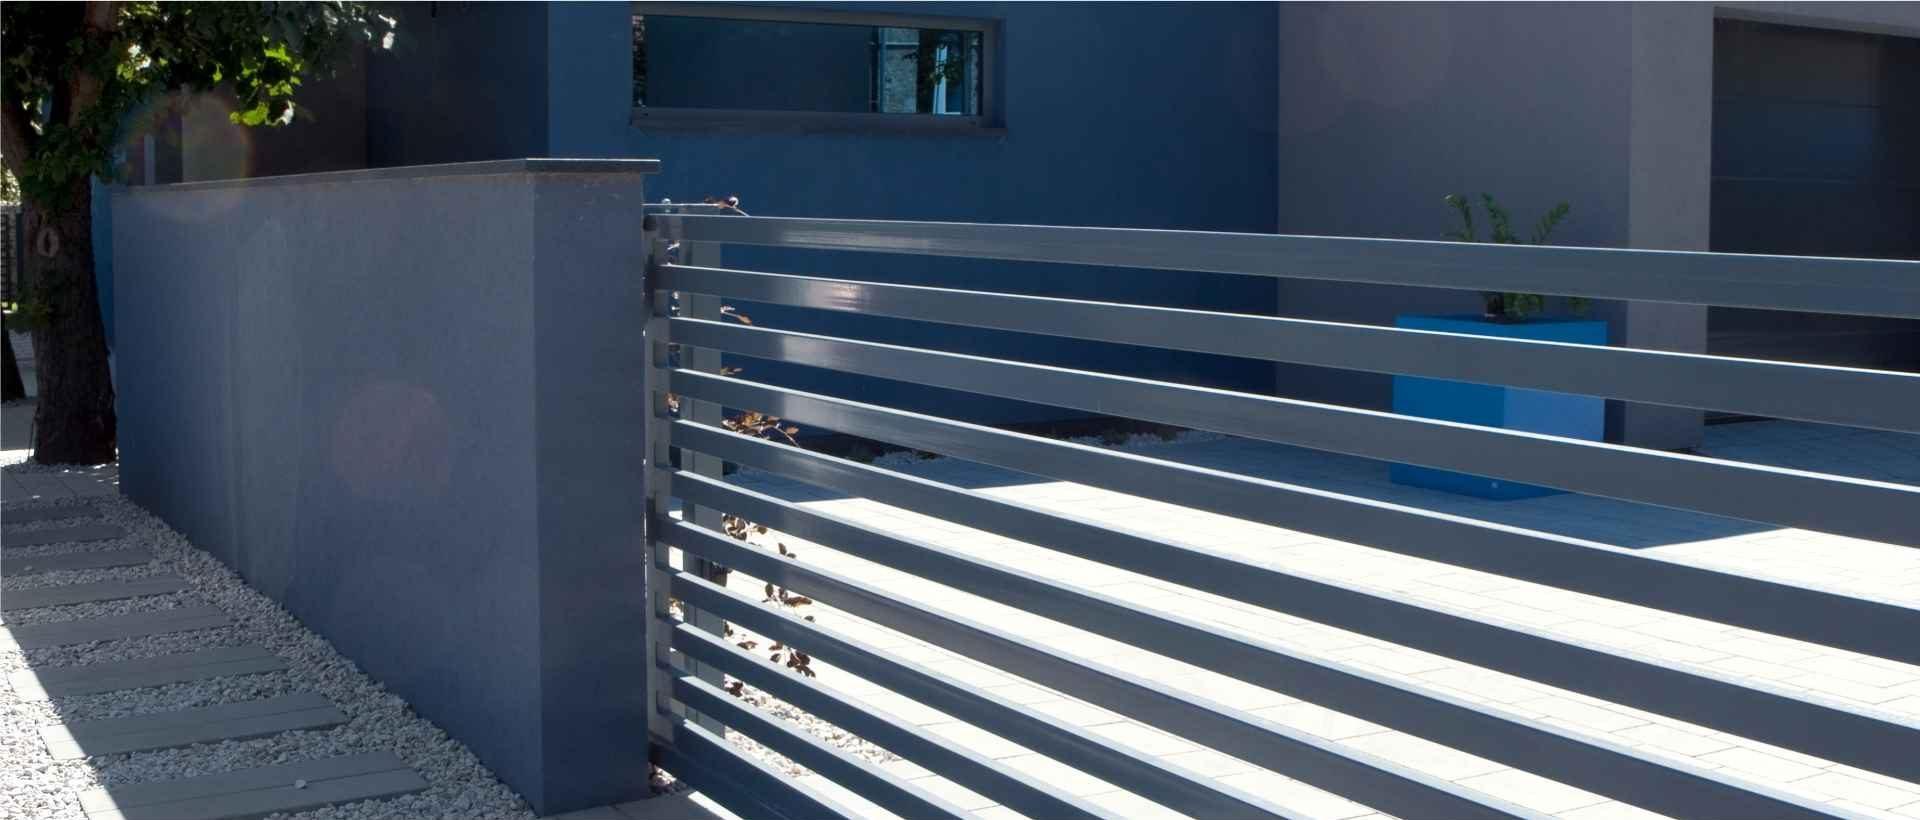 Betonová dlažba Design, dlažební deska Solid, Modern Line